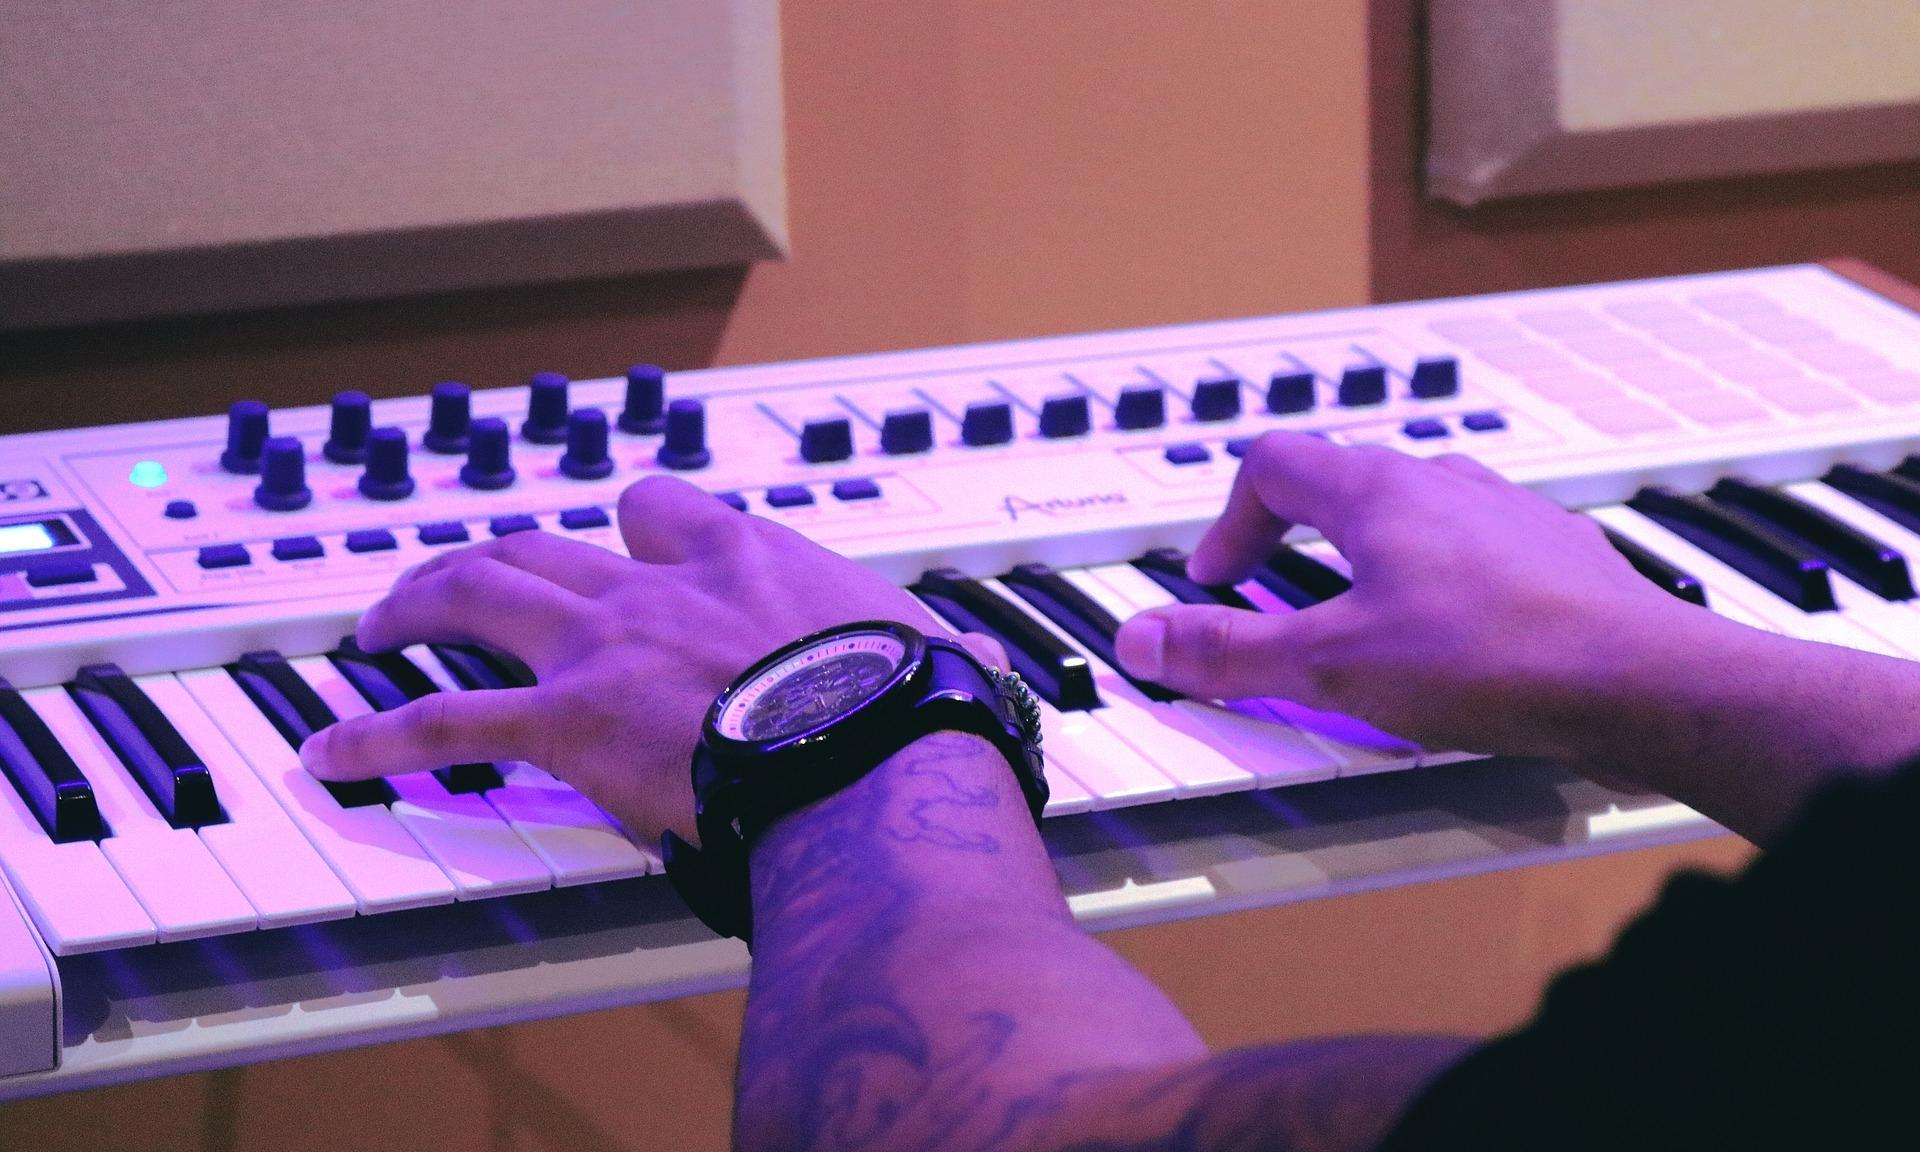 piano-1290128_1920.jpg